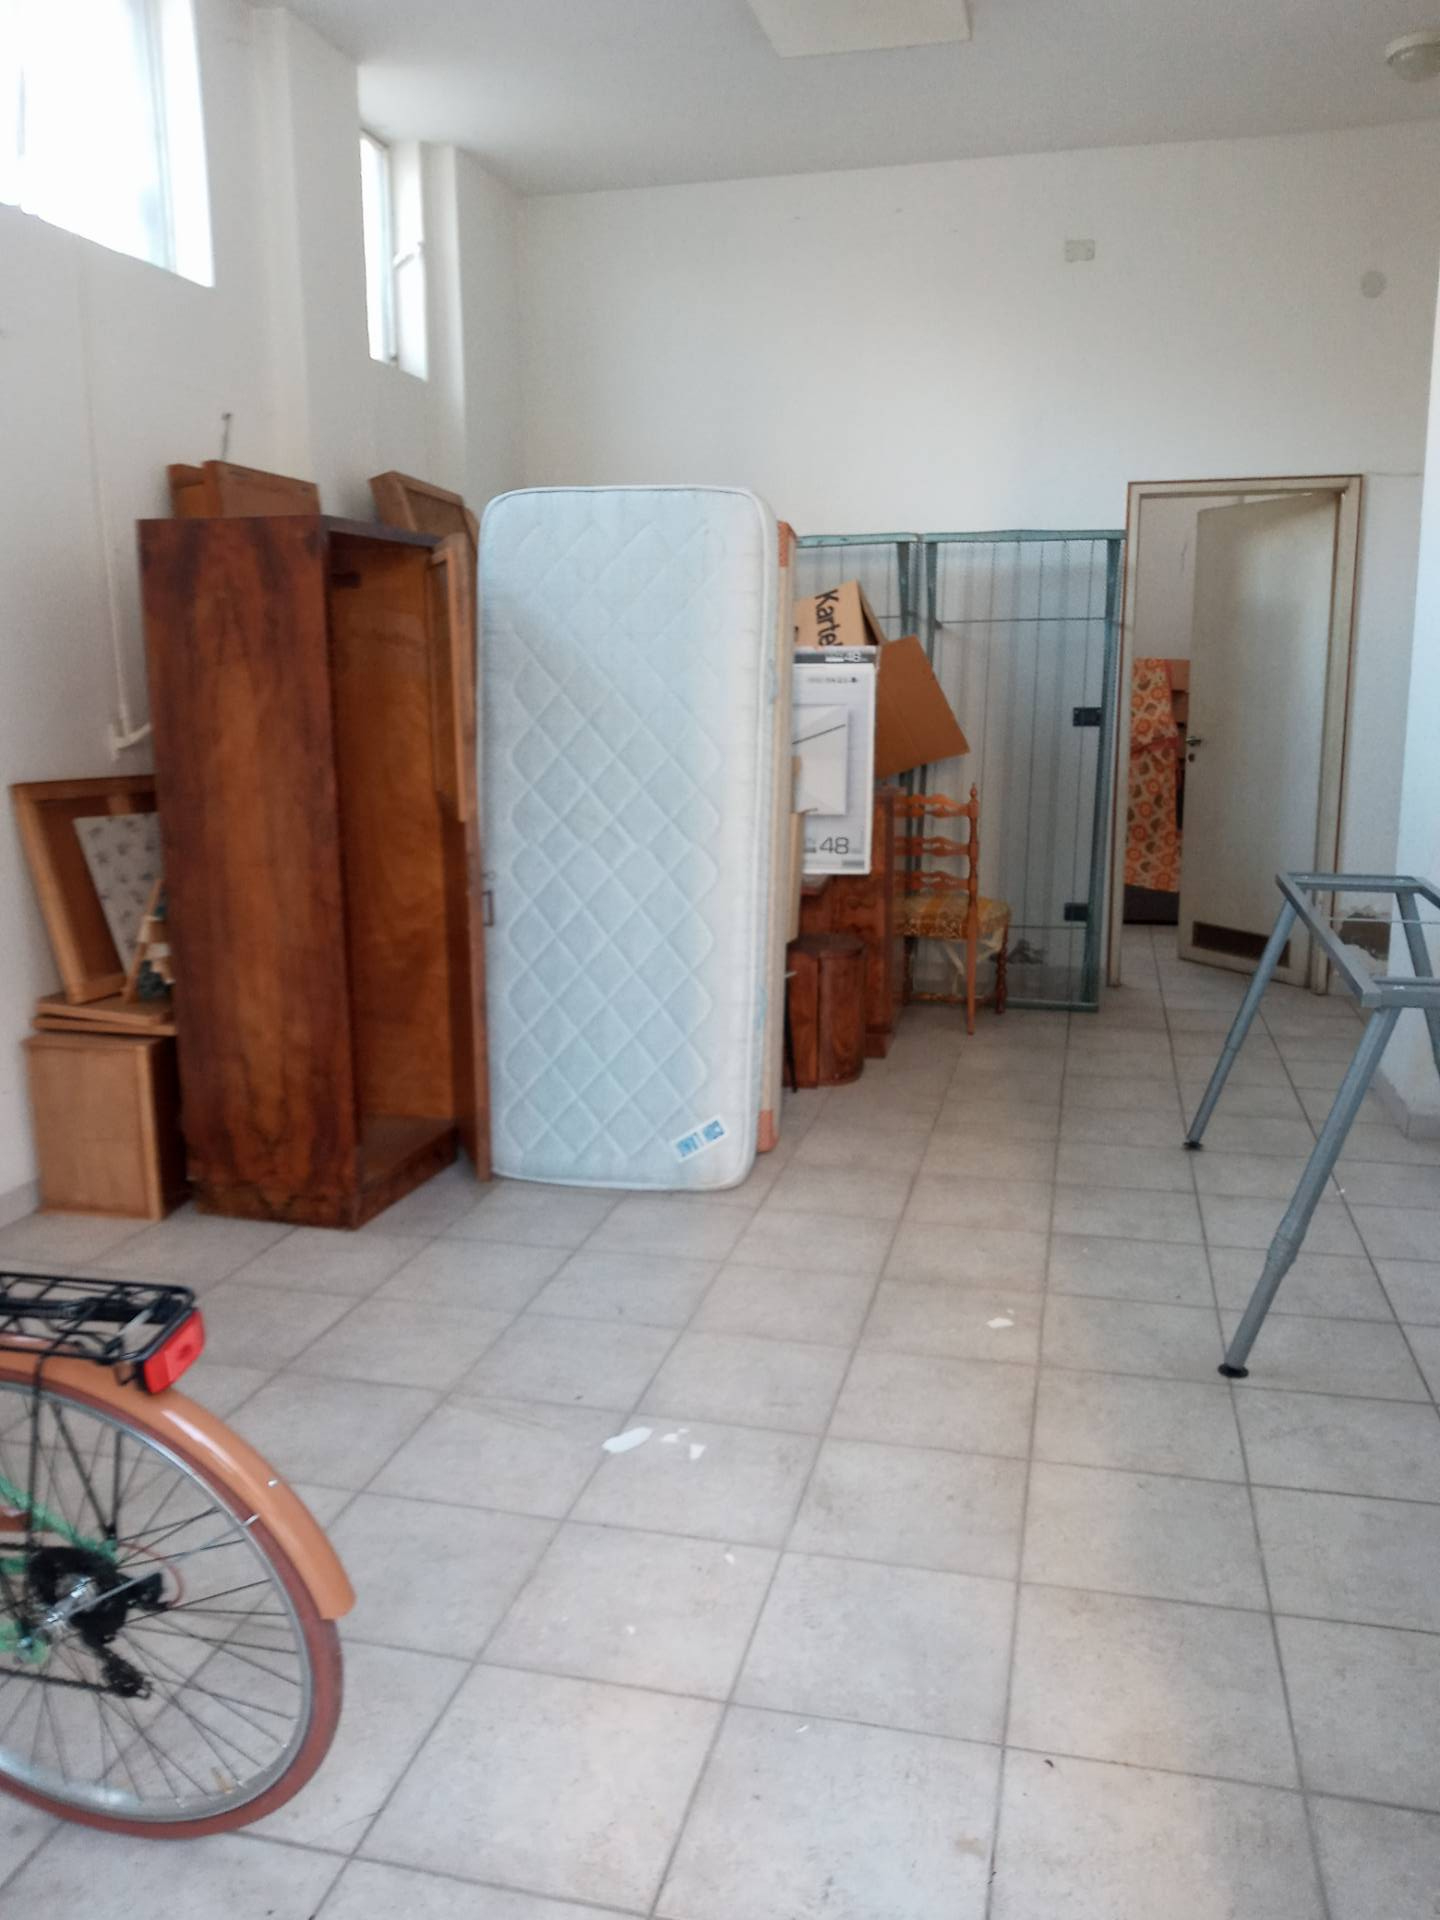 Ufficio / Studio in affitto a Lugo, 9999 locali, zona Località: Stazione, prezzo € 400   CambioCasa.it